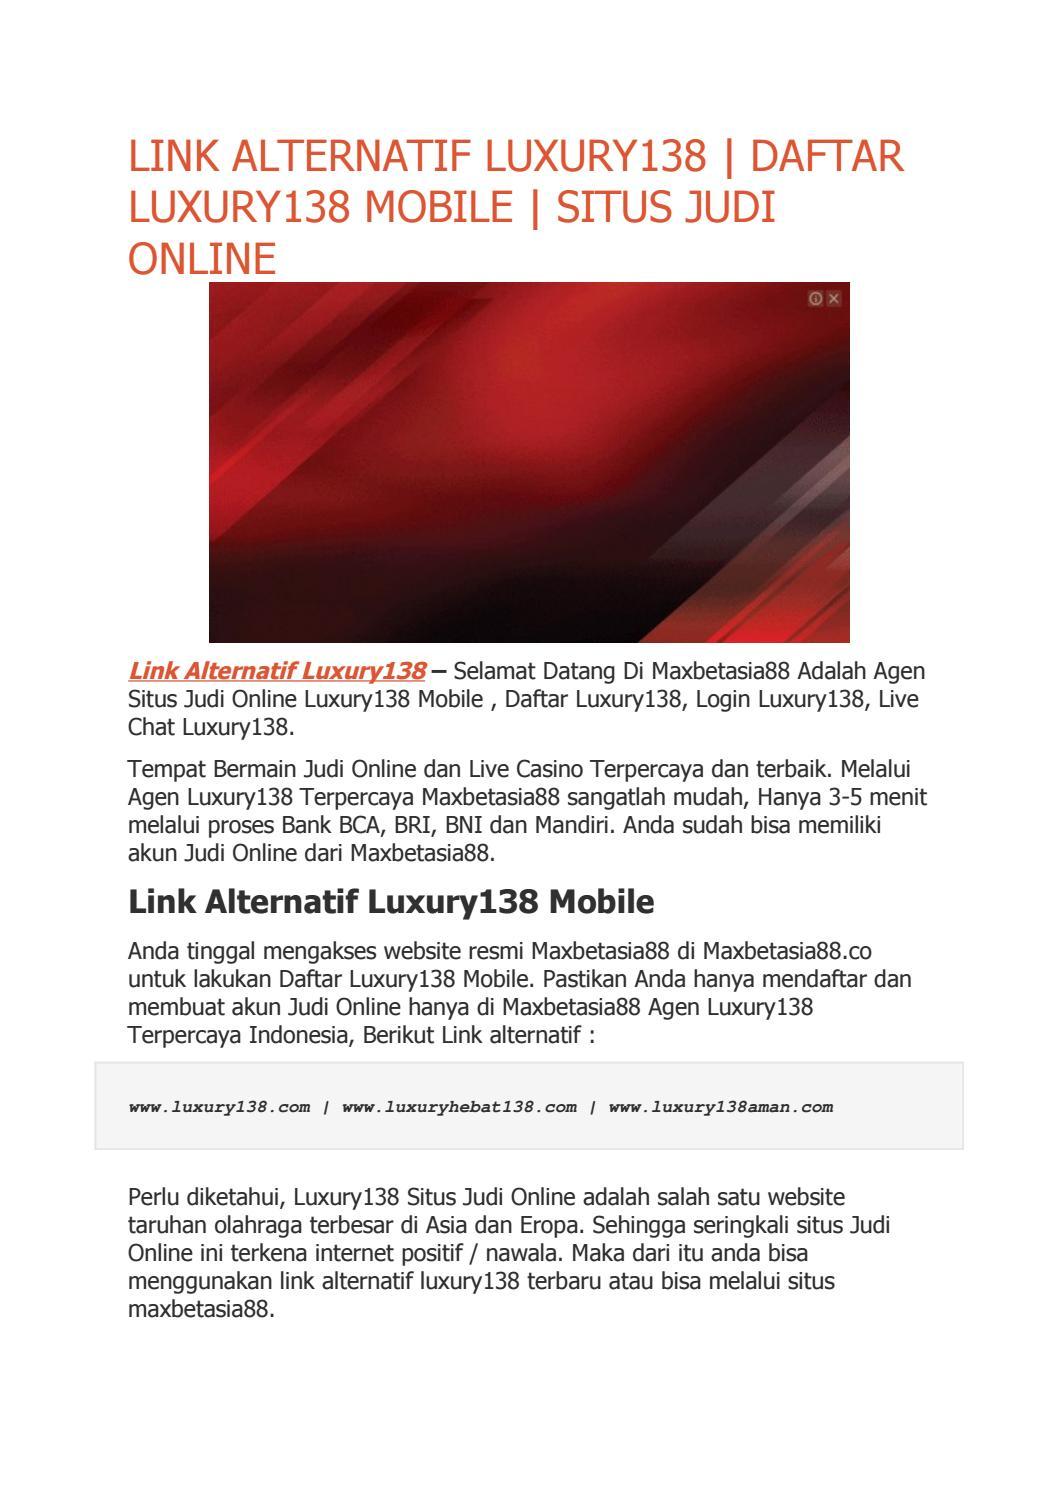 Luxury138 Login